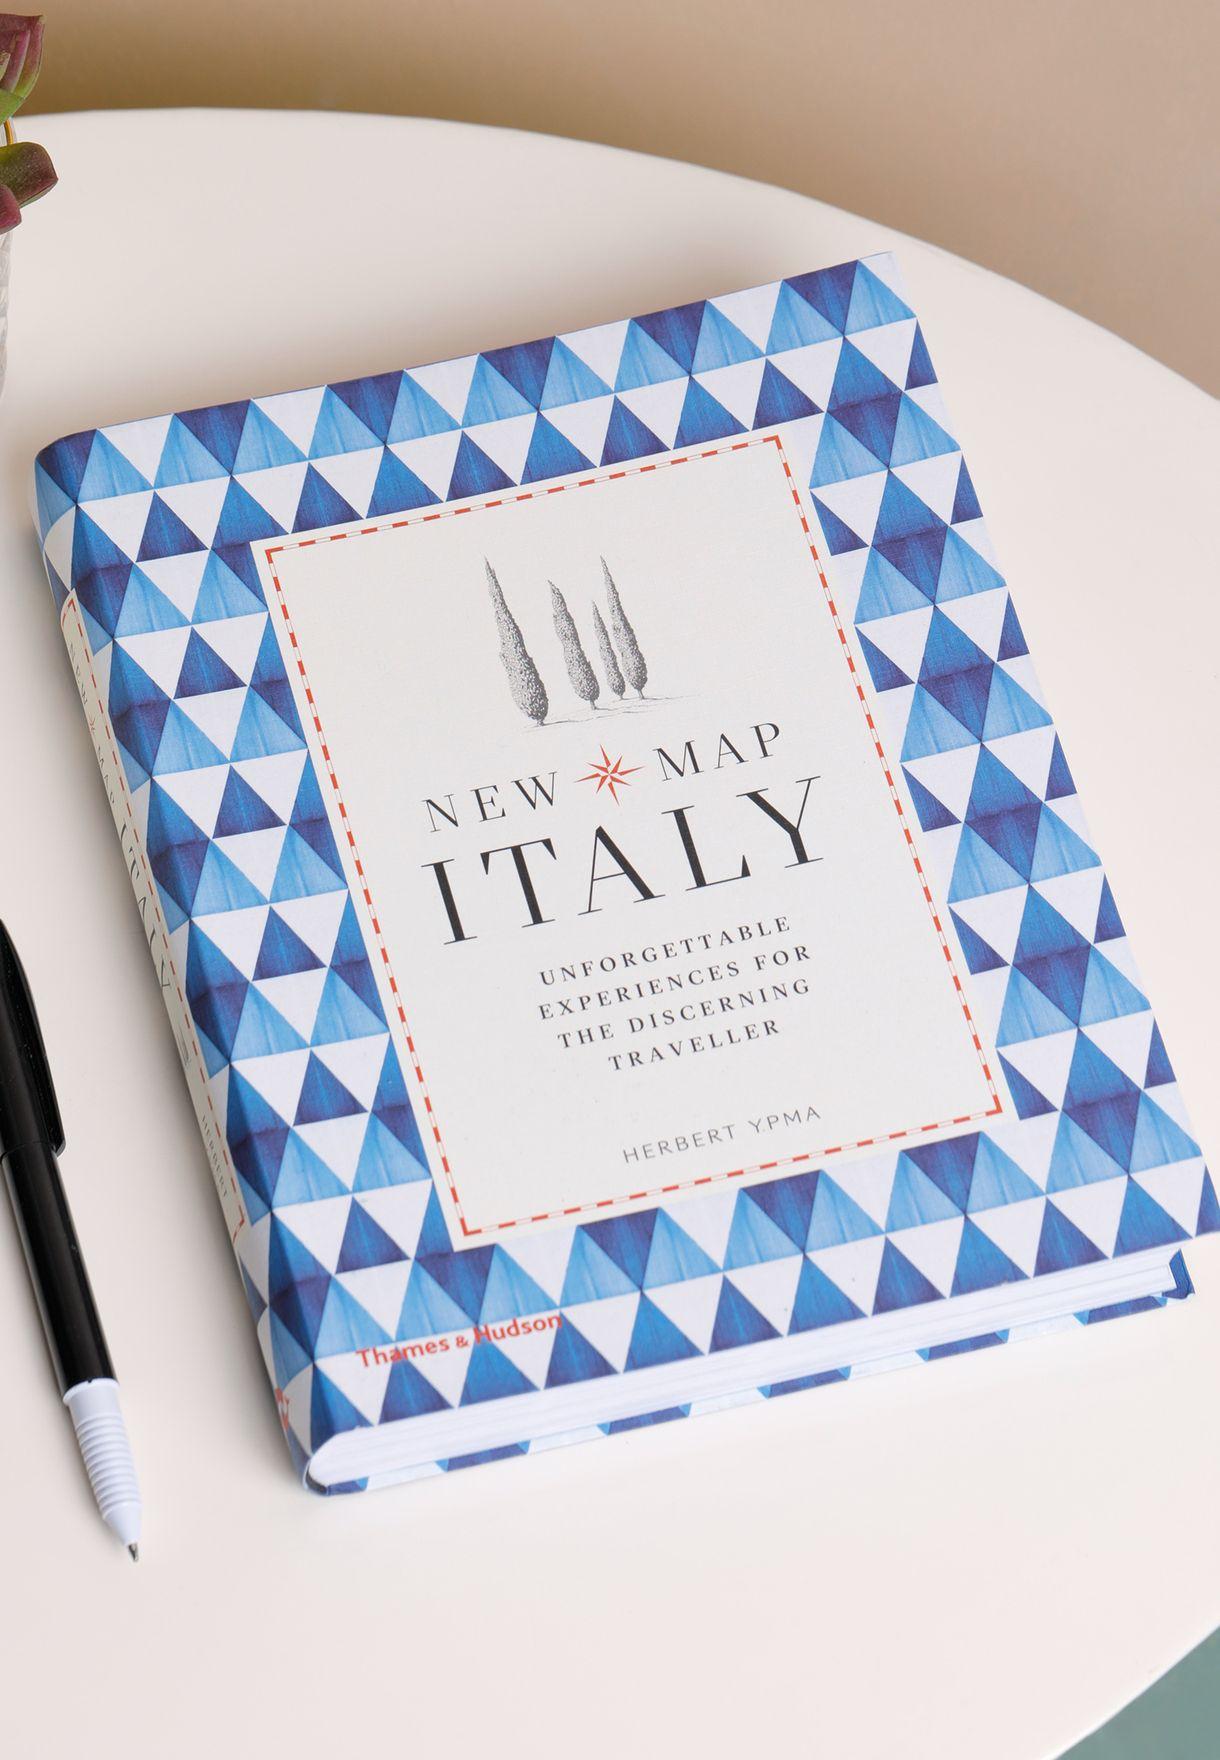 دليل نيو ماب ايتالي لإيطاليا